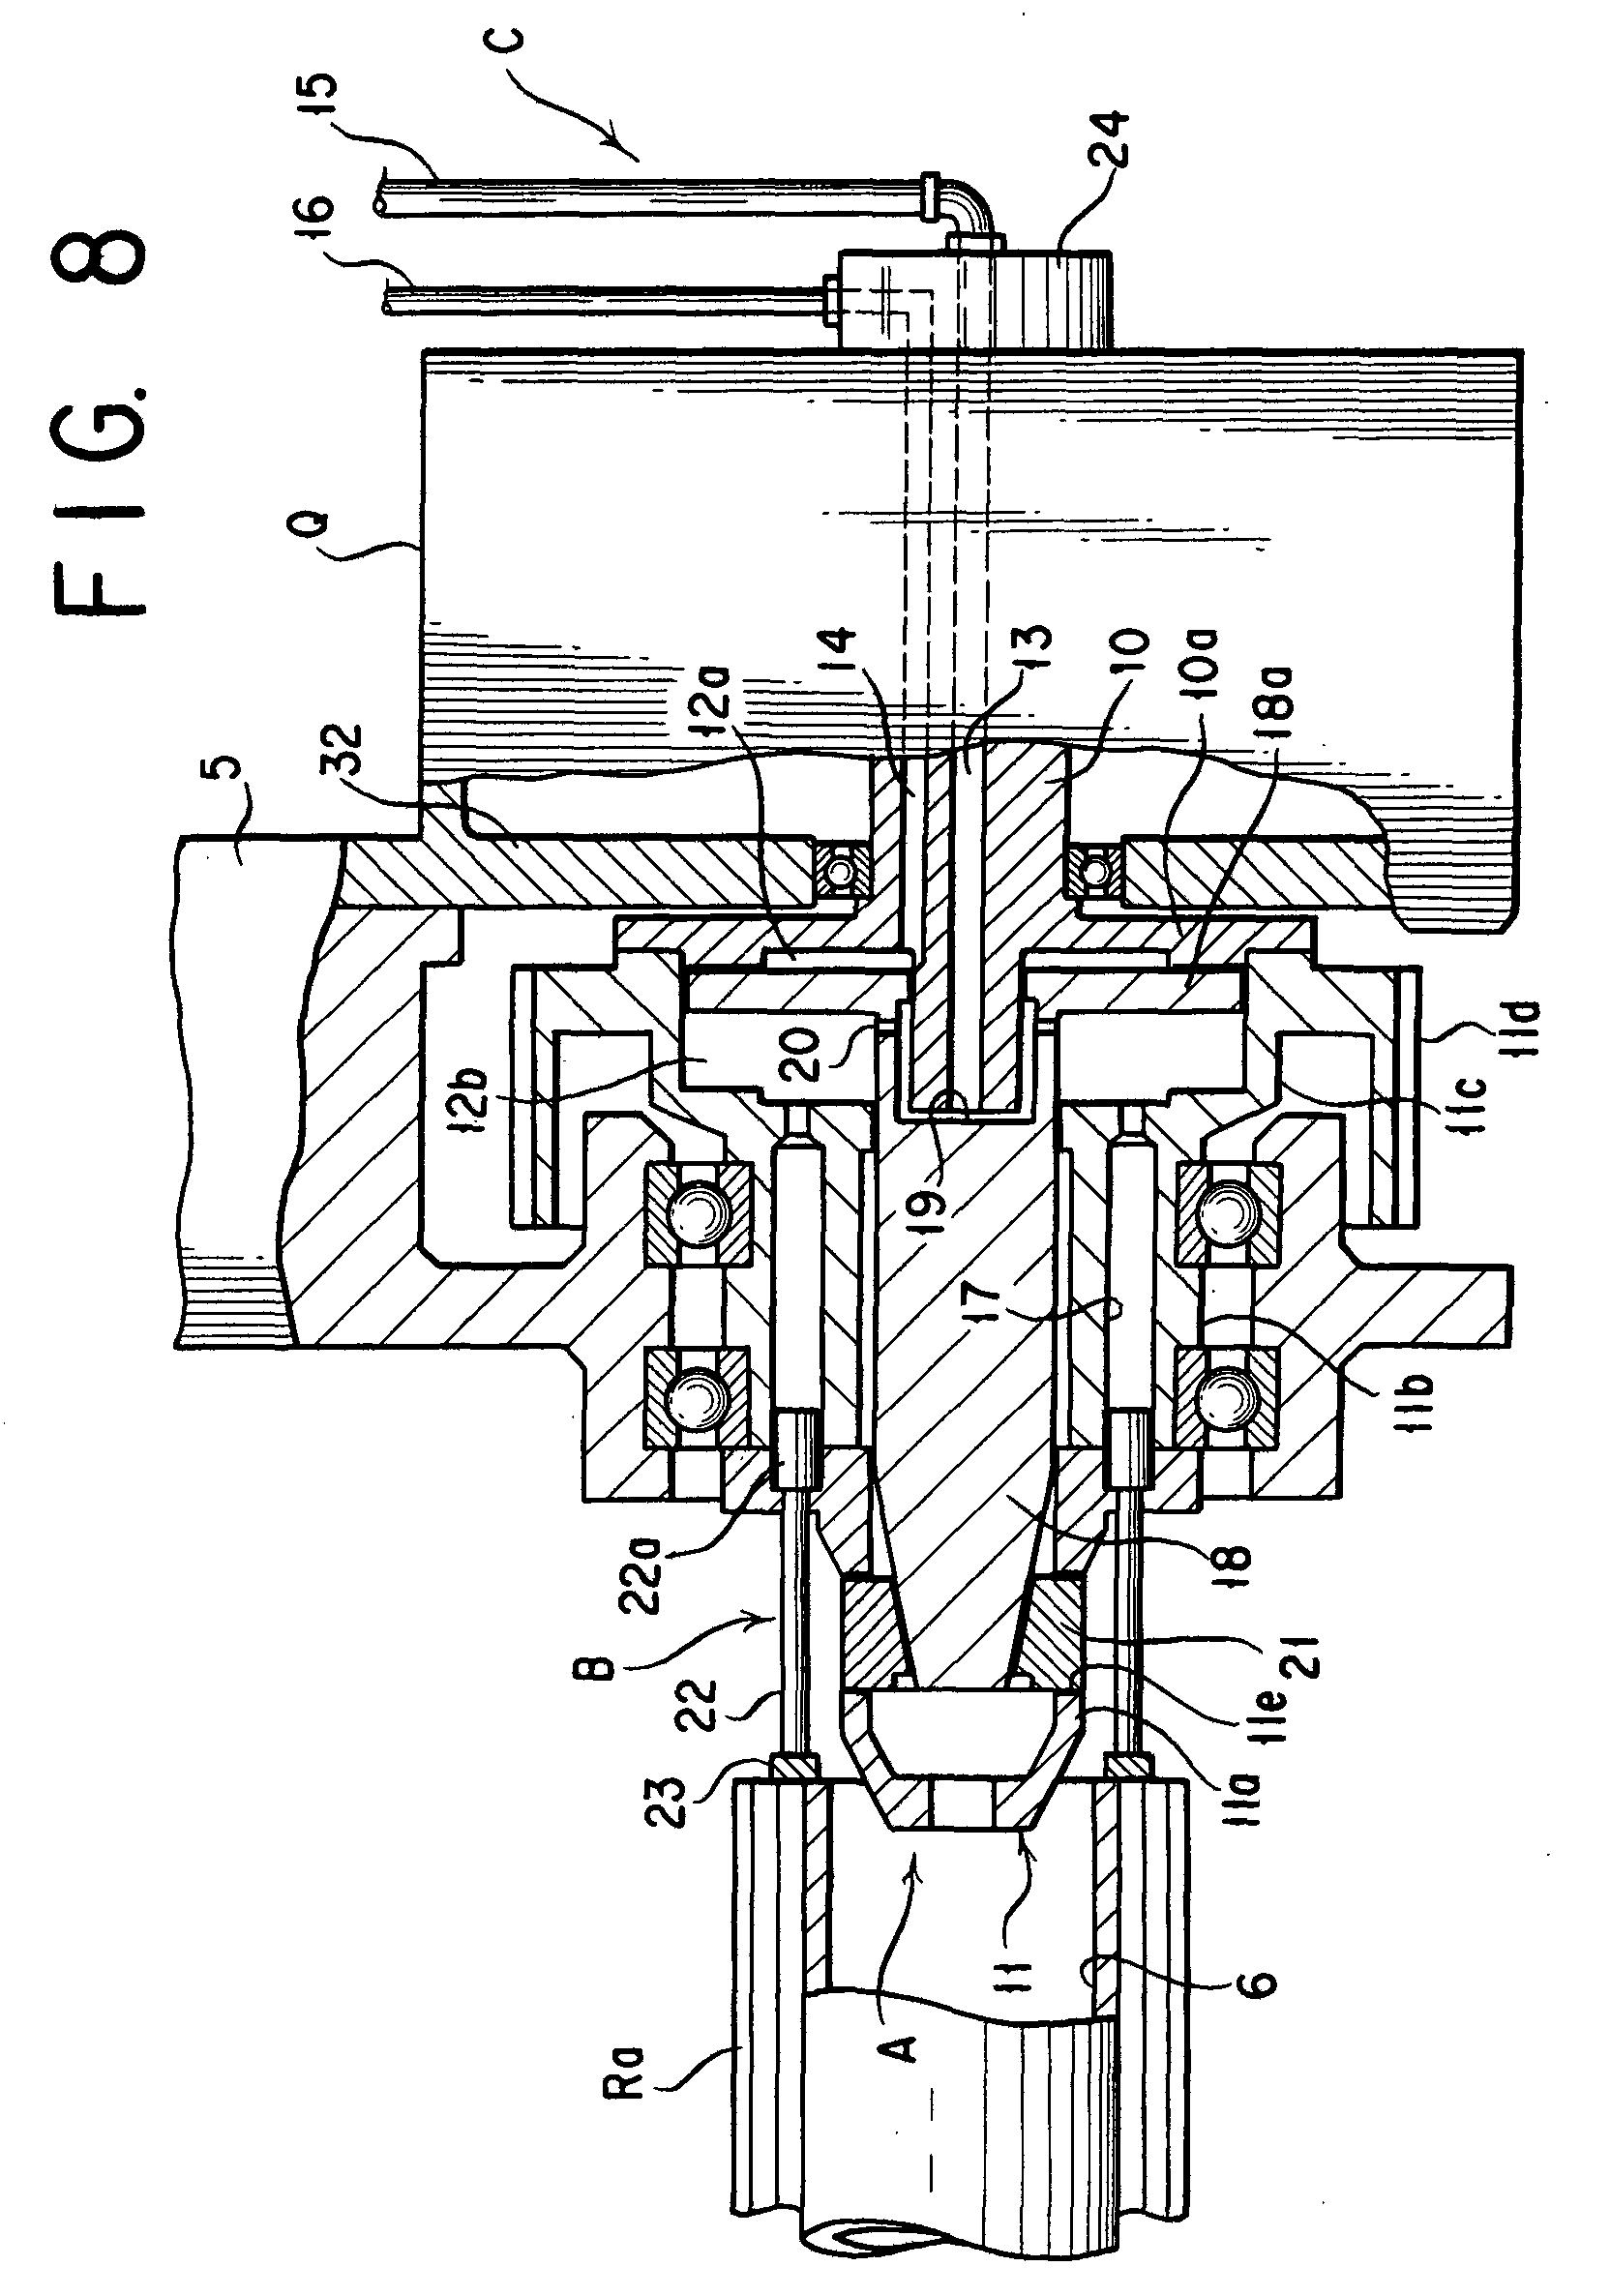 松下 rf-1188 电路图